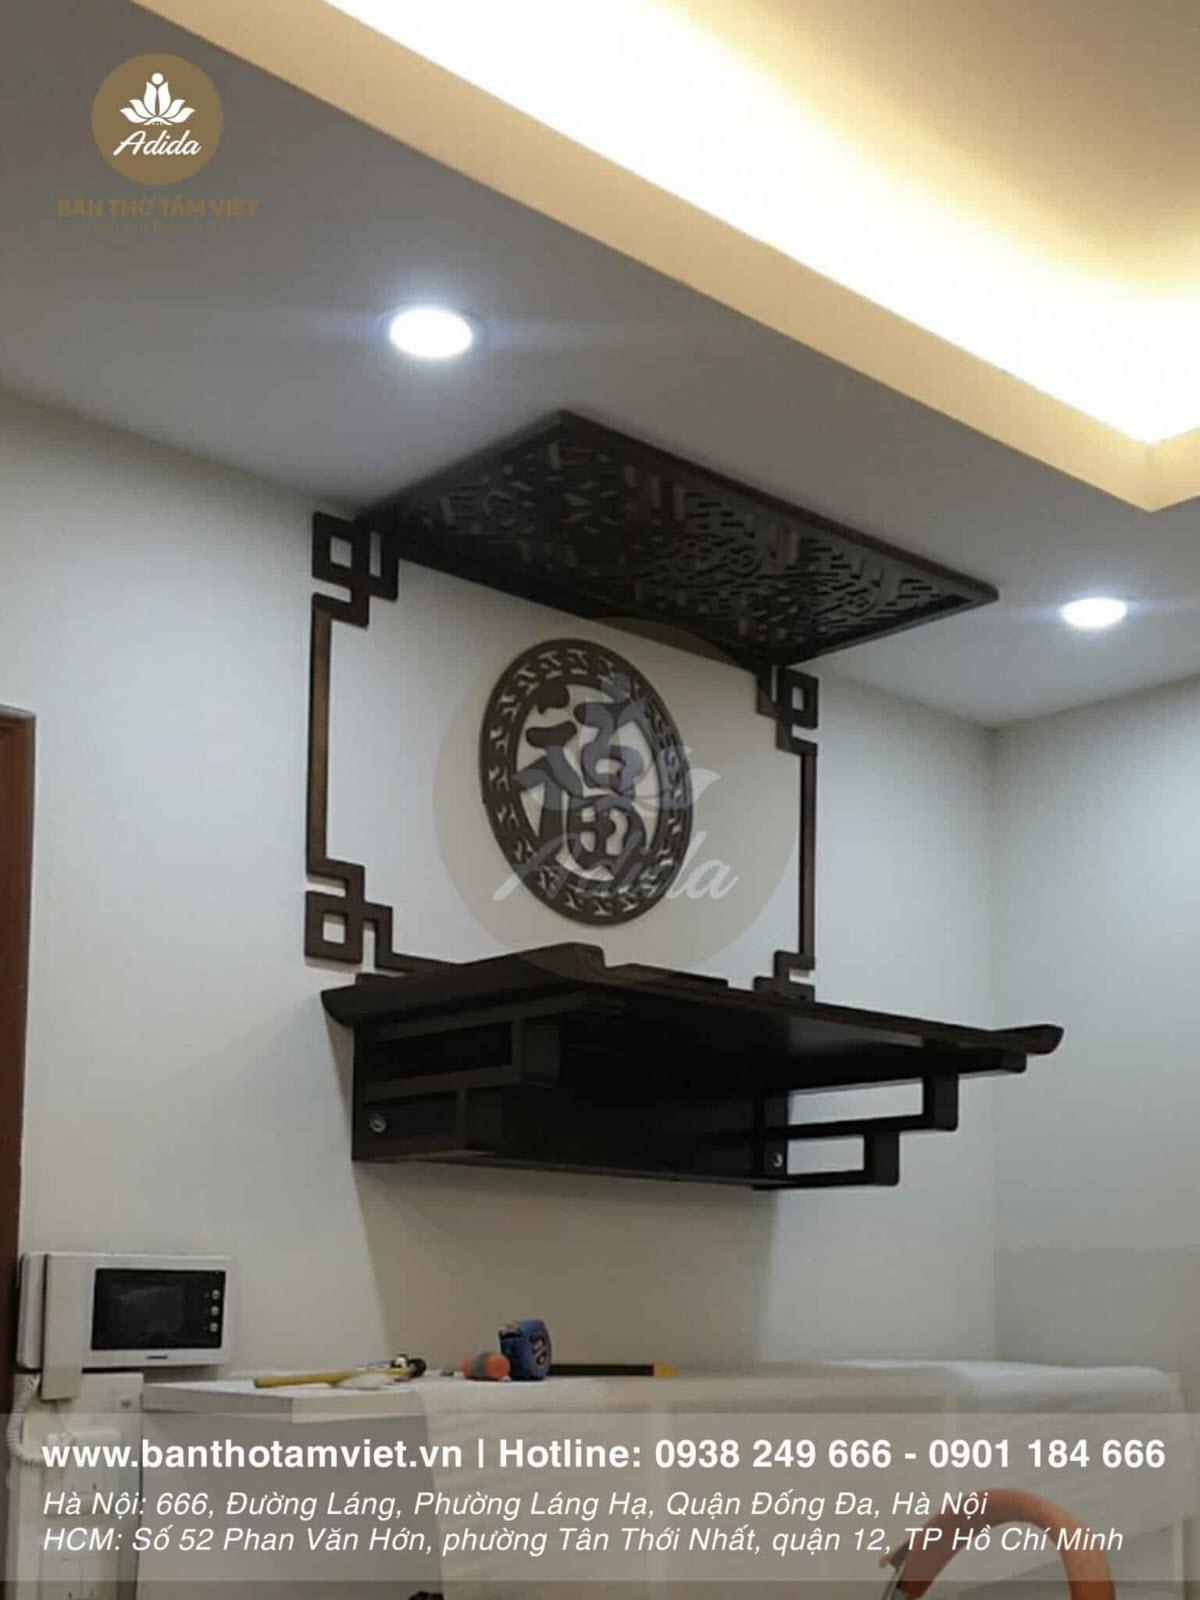 Bàn thờ treo tường chung cư đẹp hiện đại hợp phong thủy giá rẻ